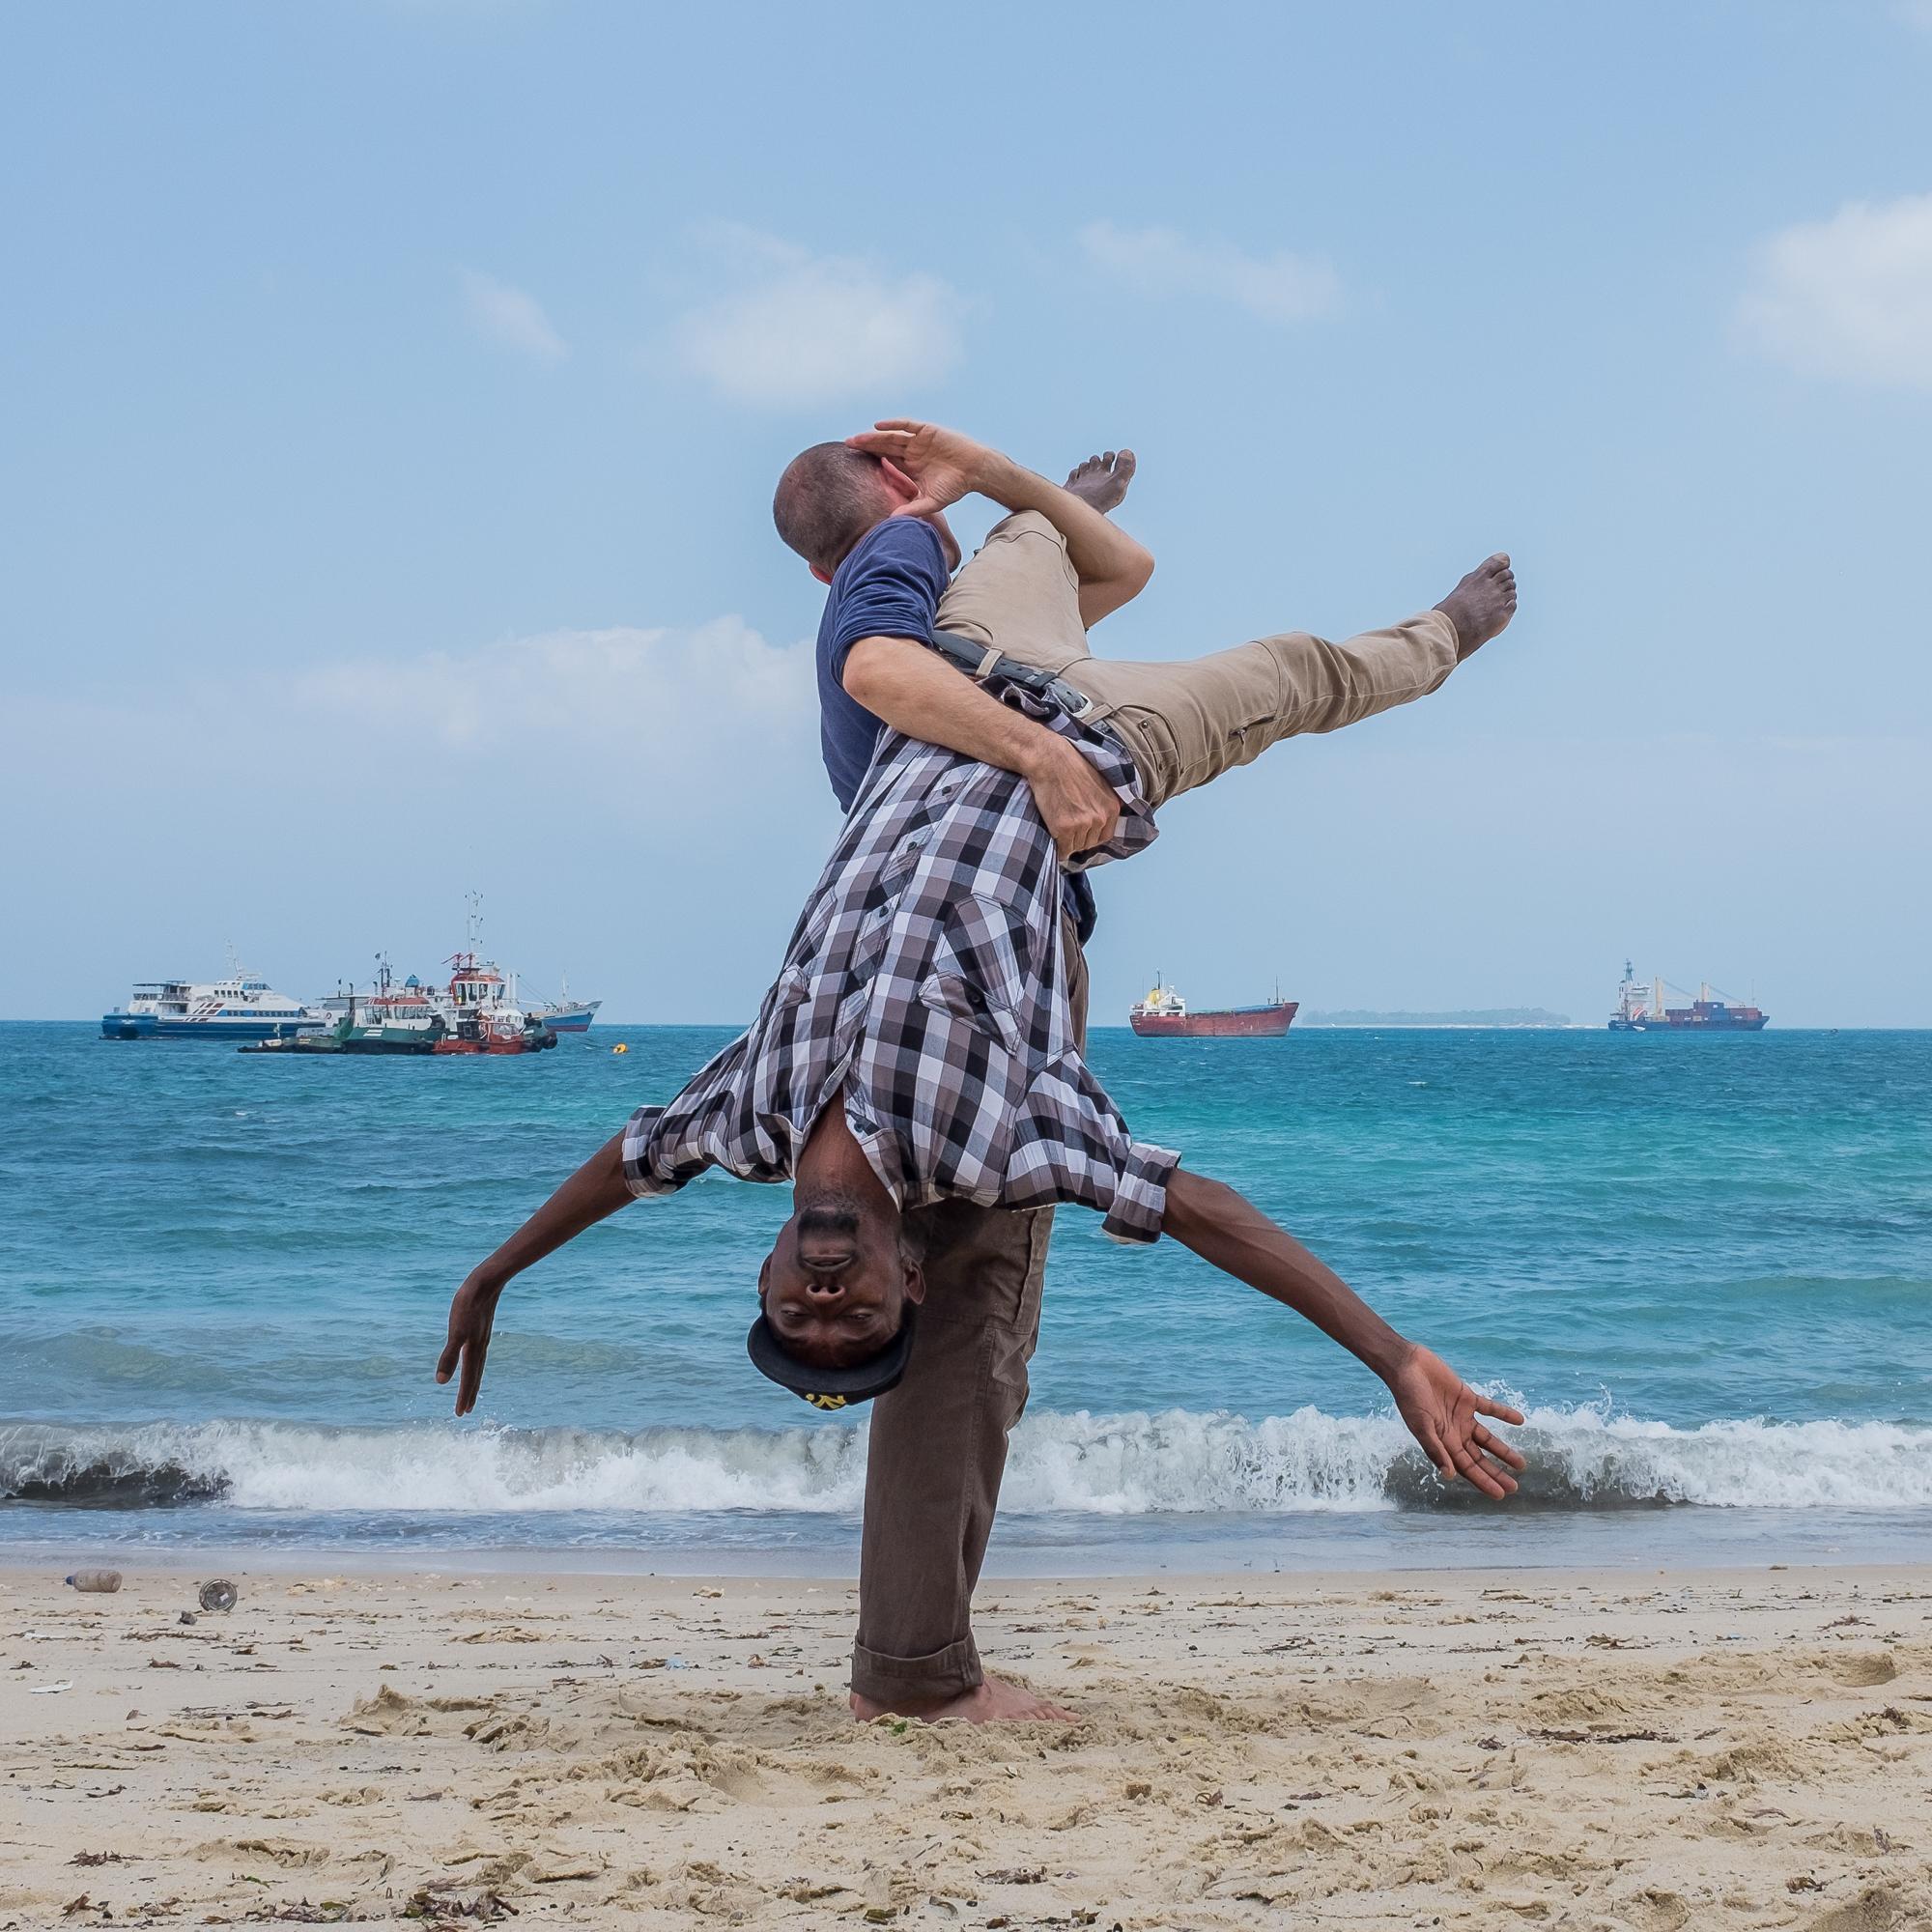 Zanzibar beach - Catnap_